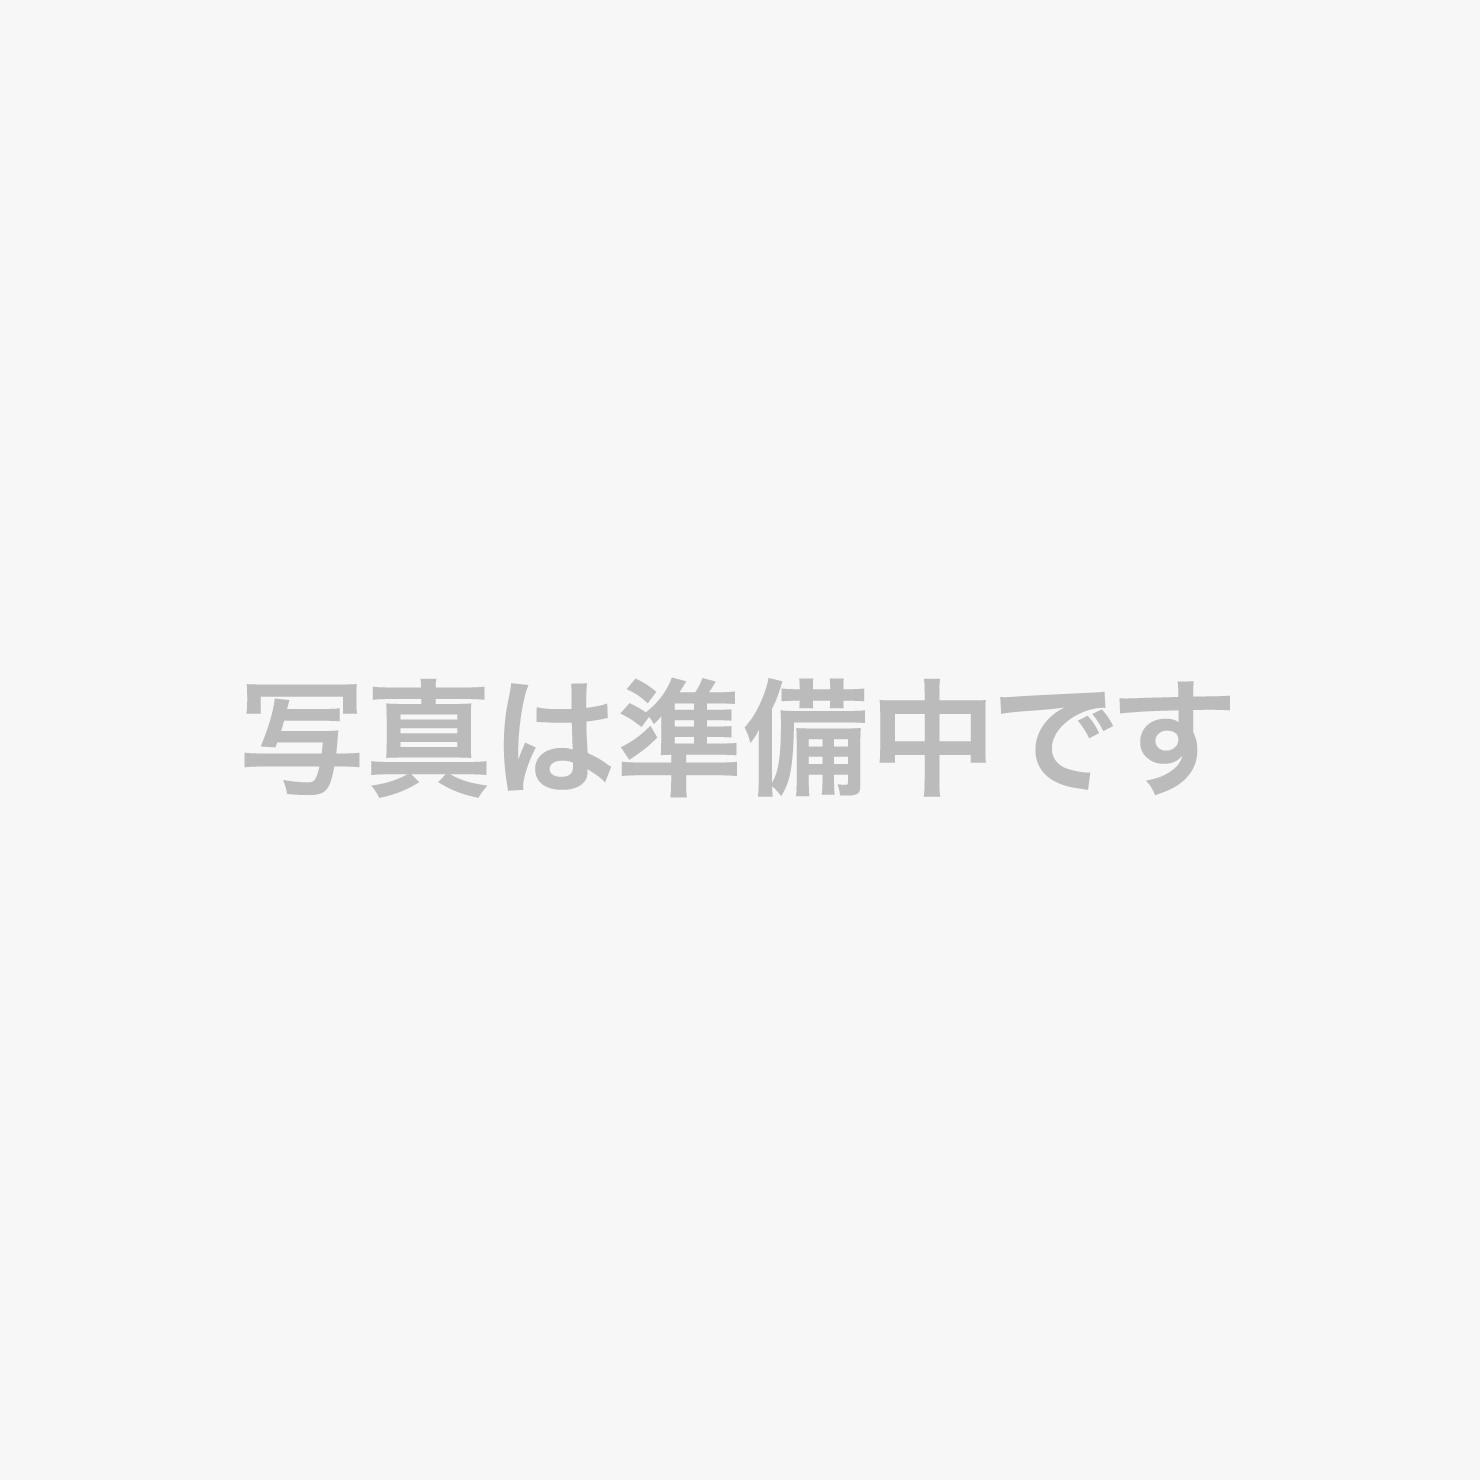 【ロイヤルグランシャリオ】ソーシャルディスタンスに配慮した客席レイアウト